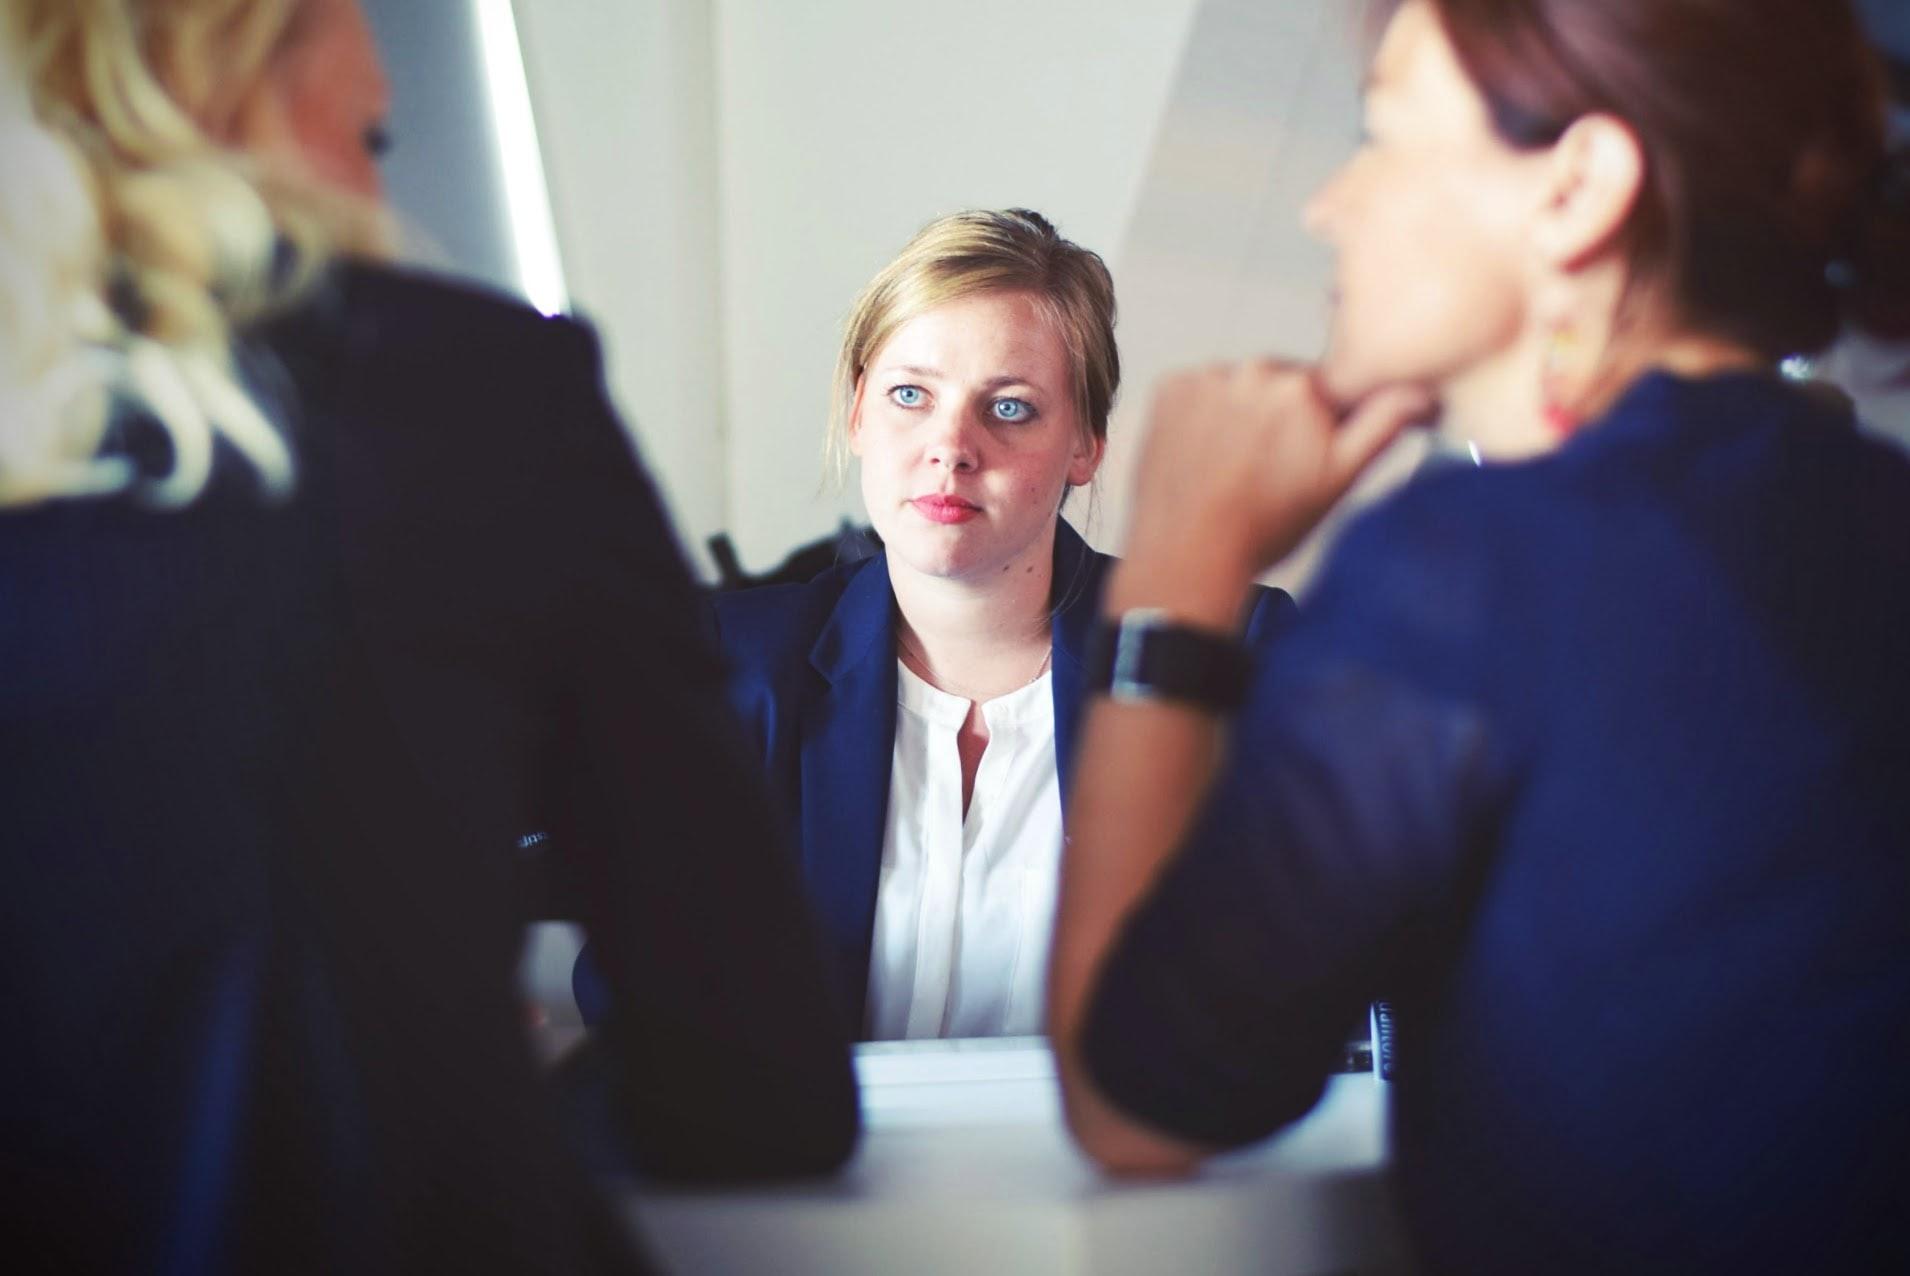 仕事はどう辞める?退職の流れを事前に知っておこう